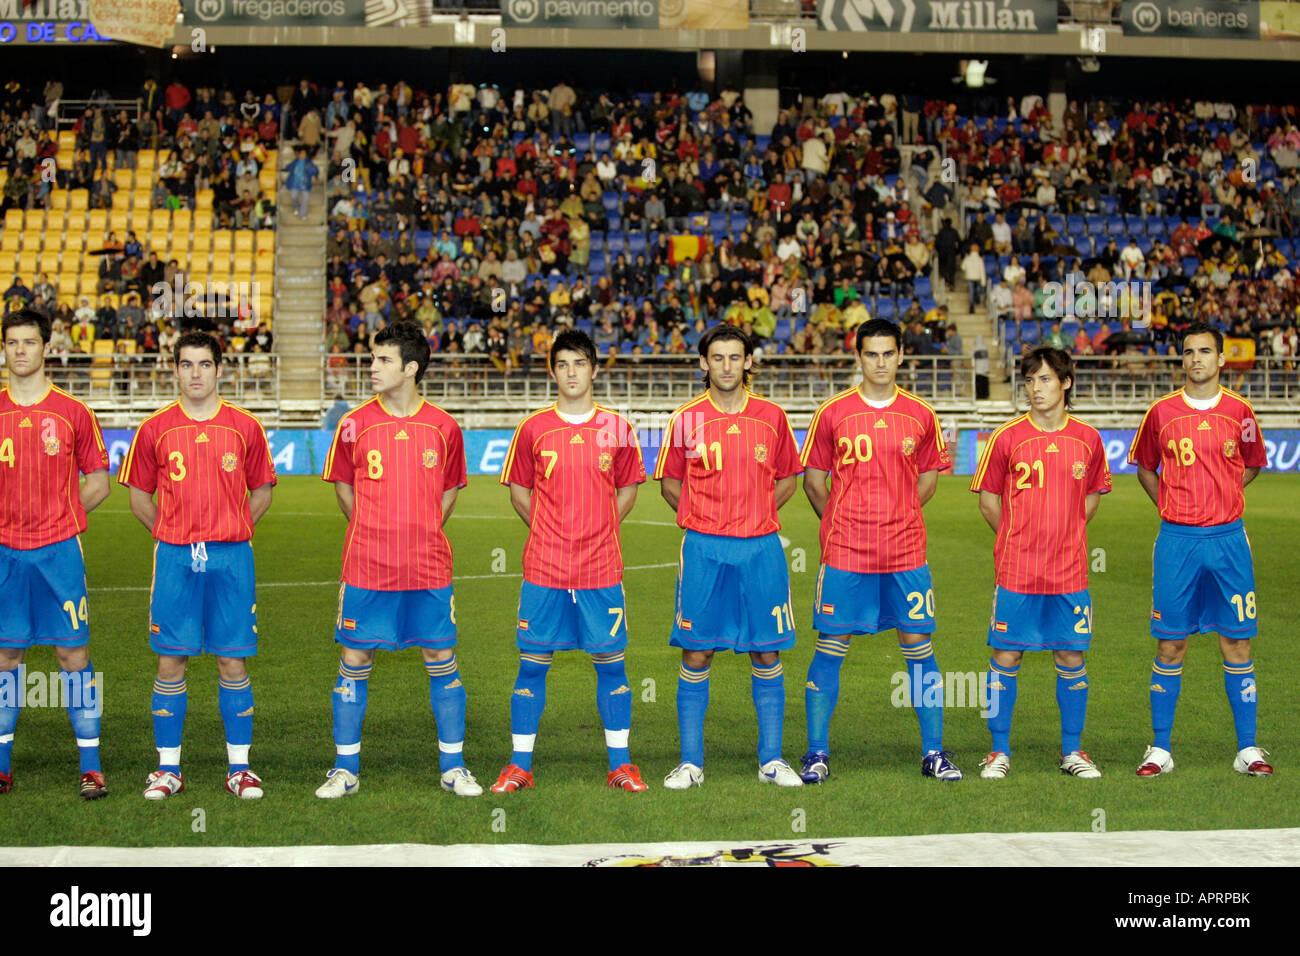 Hilo de la selección de España The-spanish-squad-APRPBK